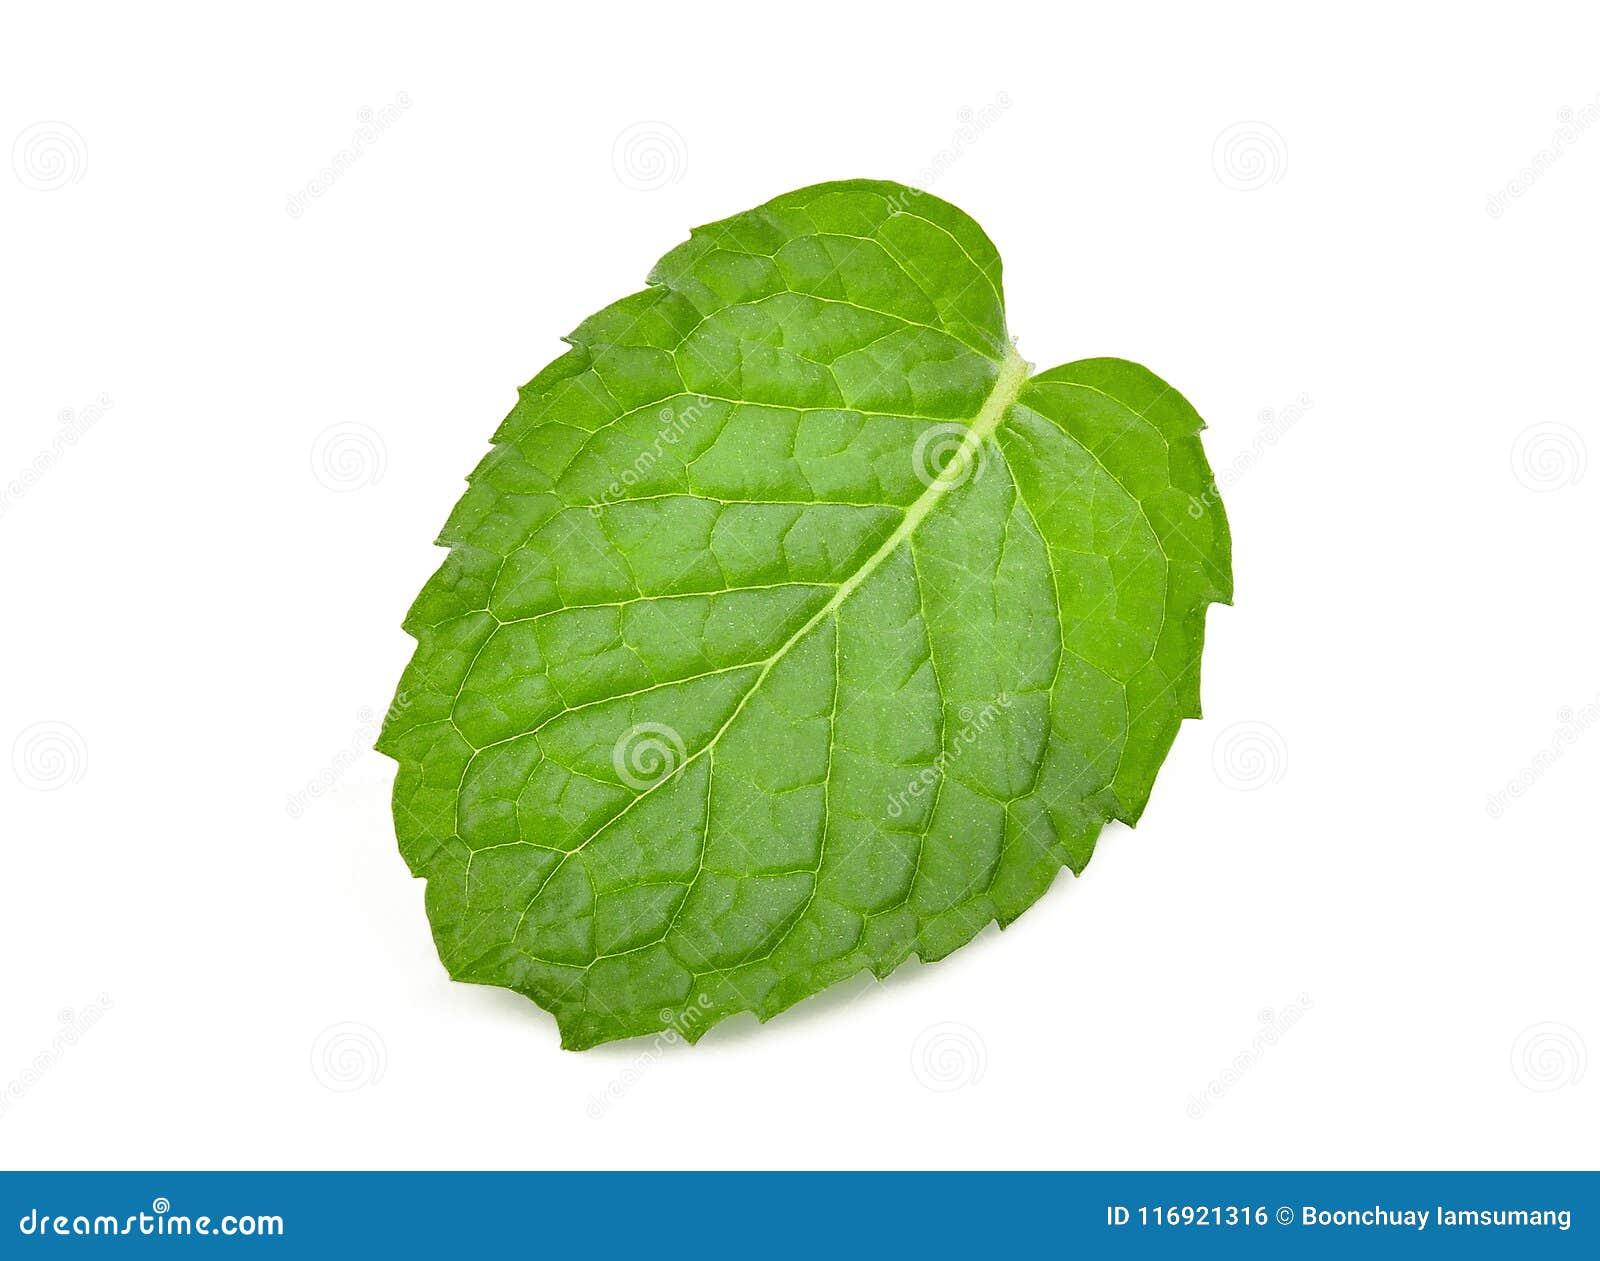 Single fresh mint leaf isolated on white